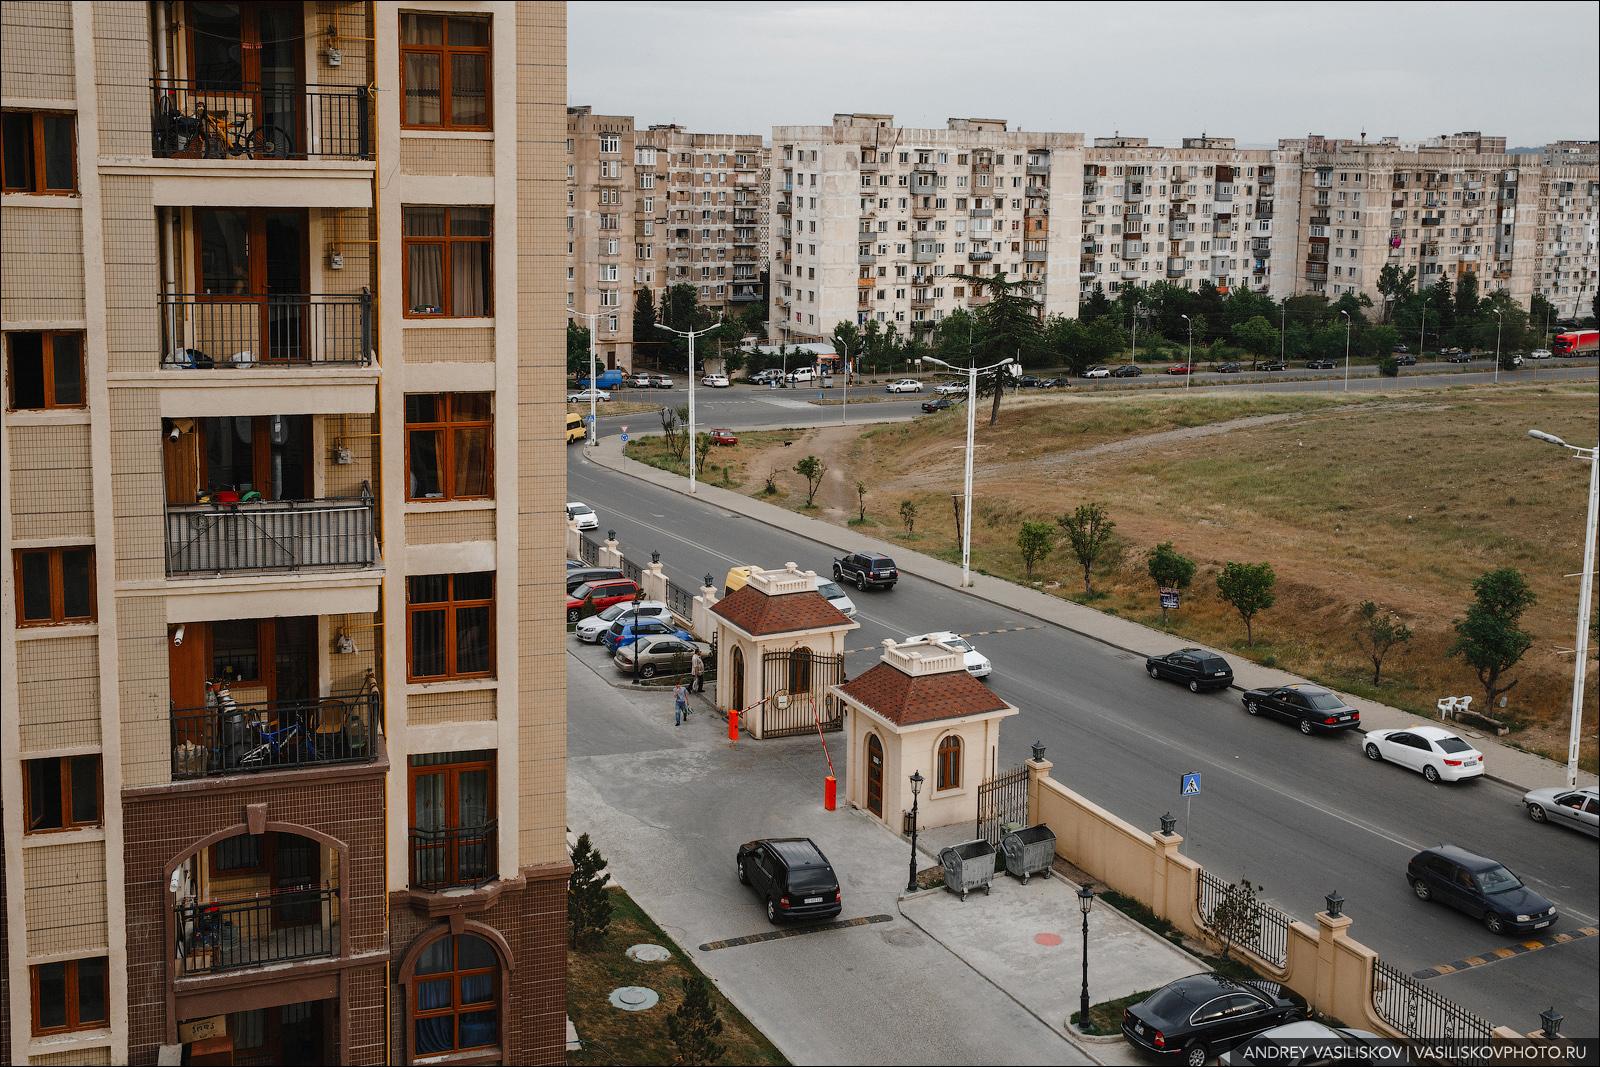 Сколько стоит квартира в тбилиси недорогая недвижимость франции